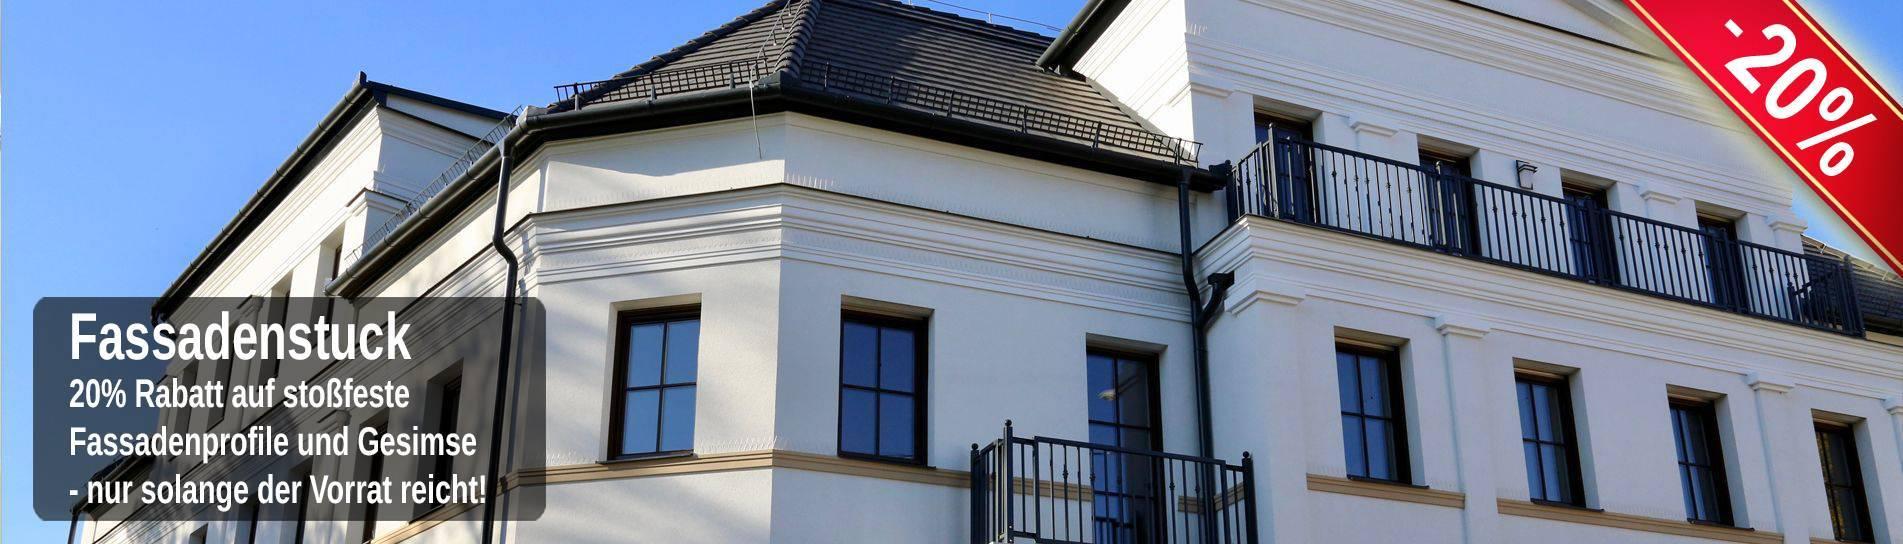 Stoßfeste Fassadenprofile zur Fensterumrandung und für Gesimse